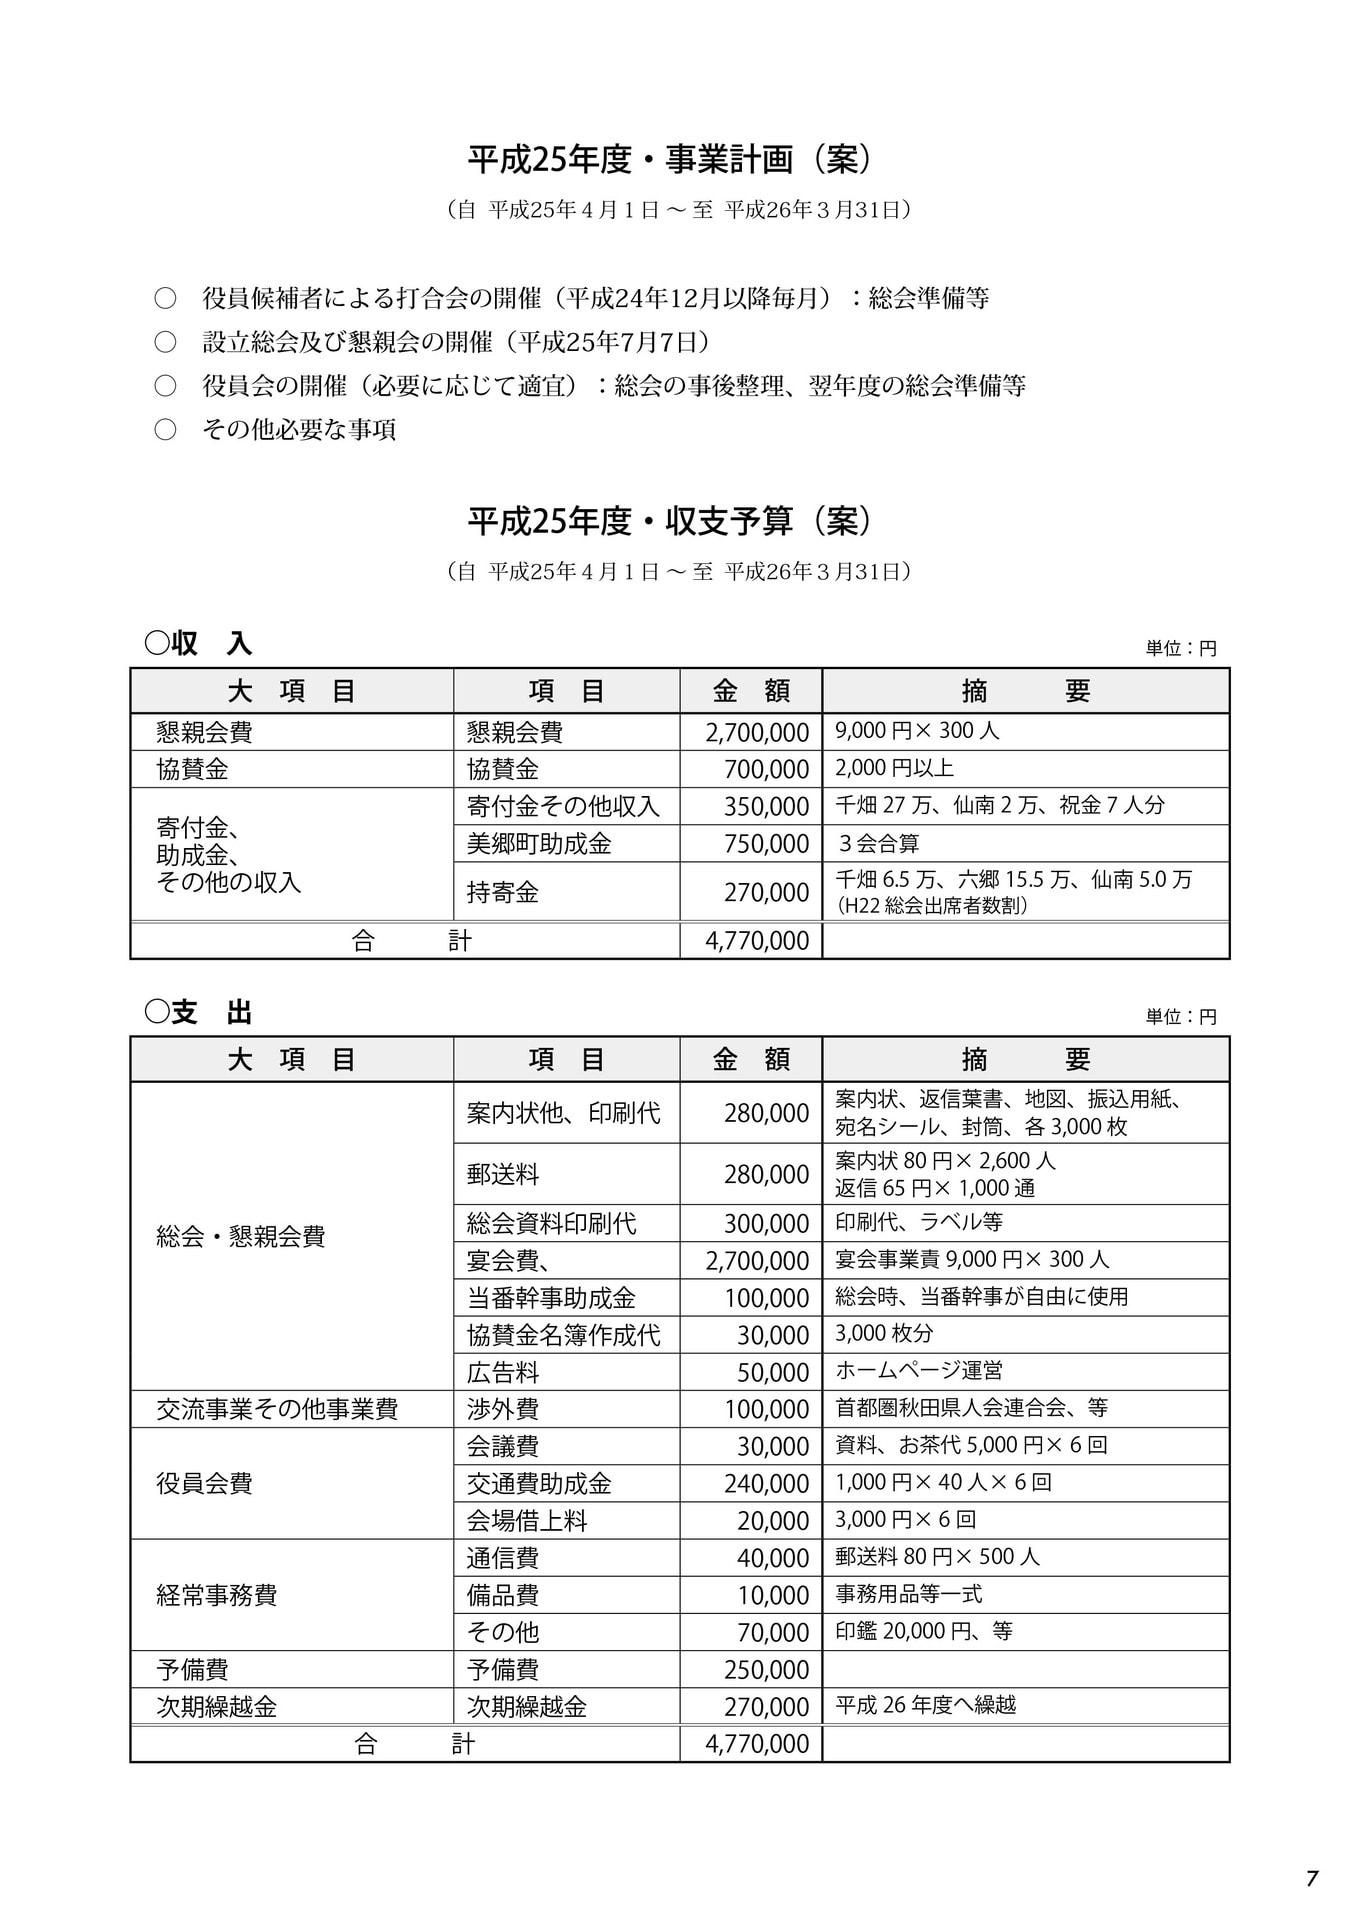 第1回秋田・美郷町ふるさと会パンフレット(事業計画(案)、収支予算(案))